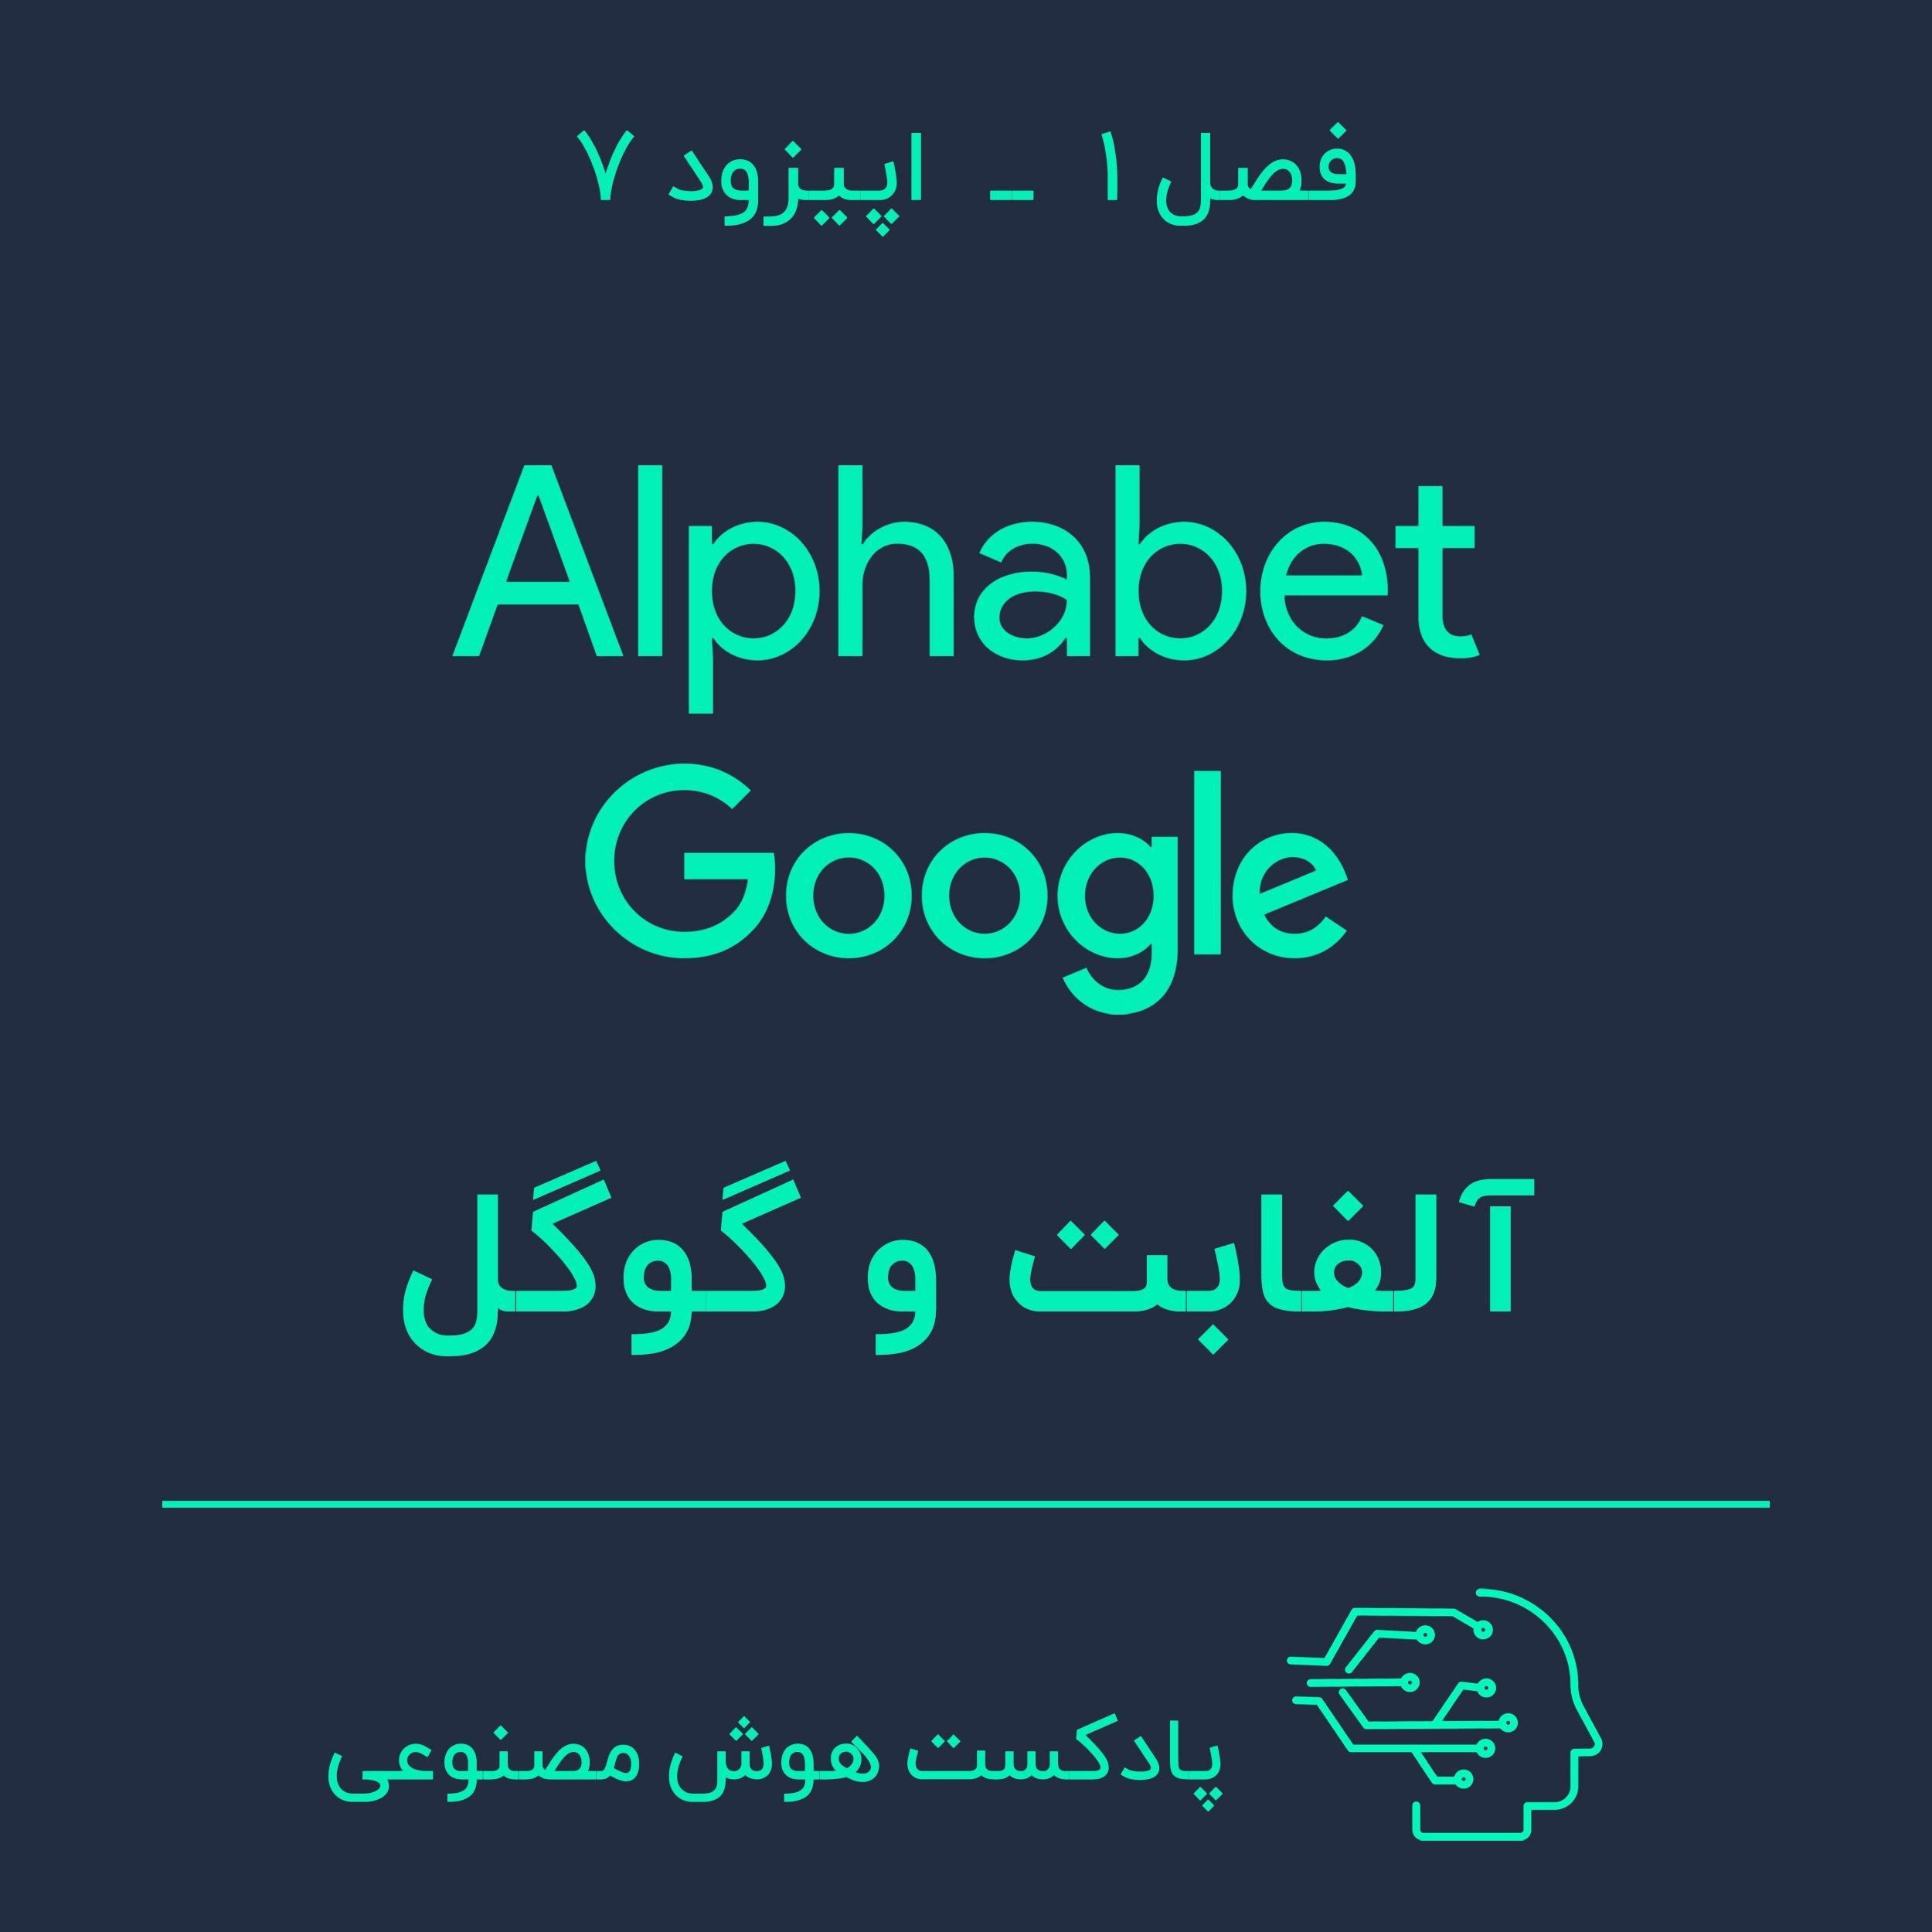 هوش مصنوعی در کسب و کار — بخش هفتم: گوگل و آلفابت